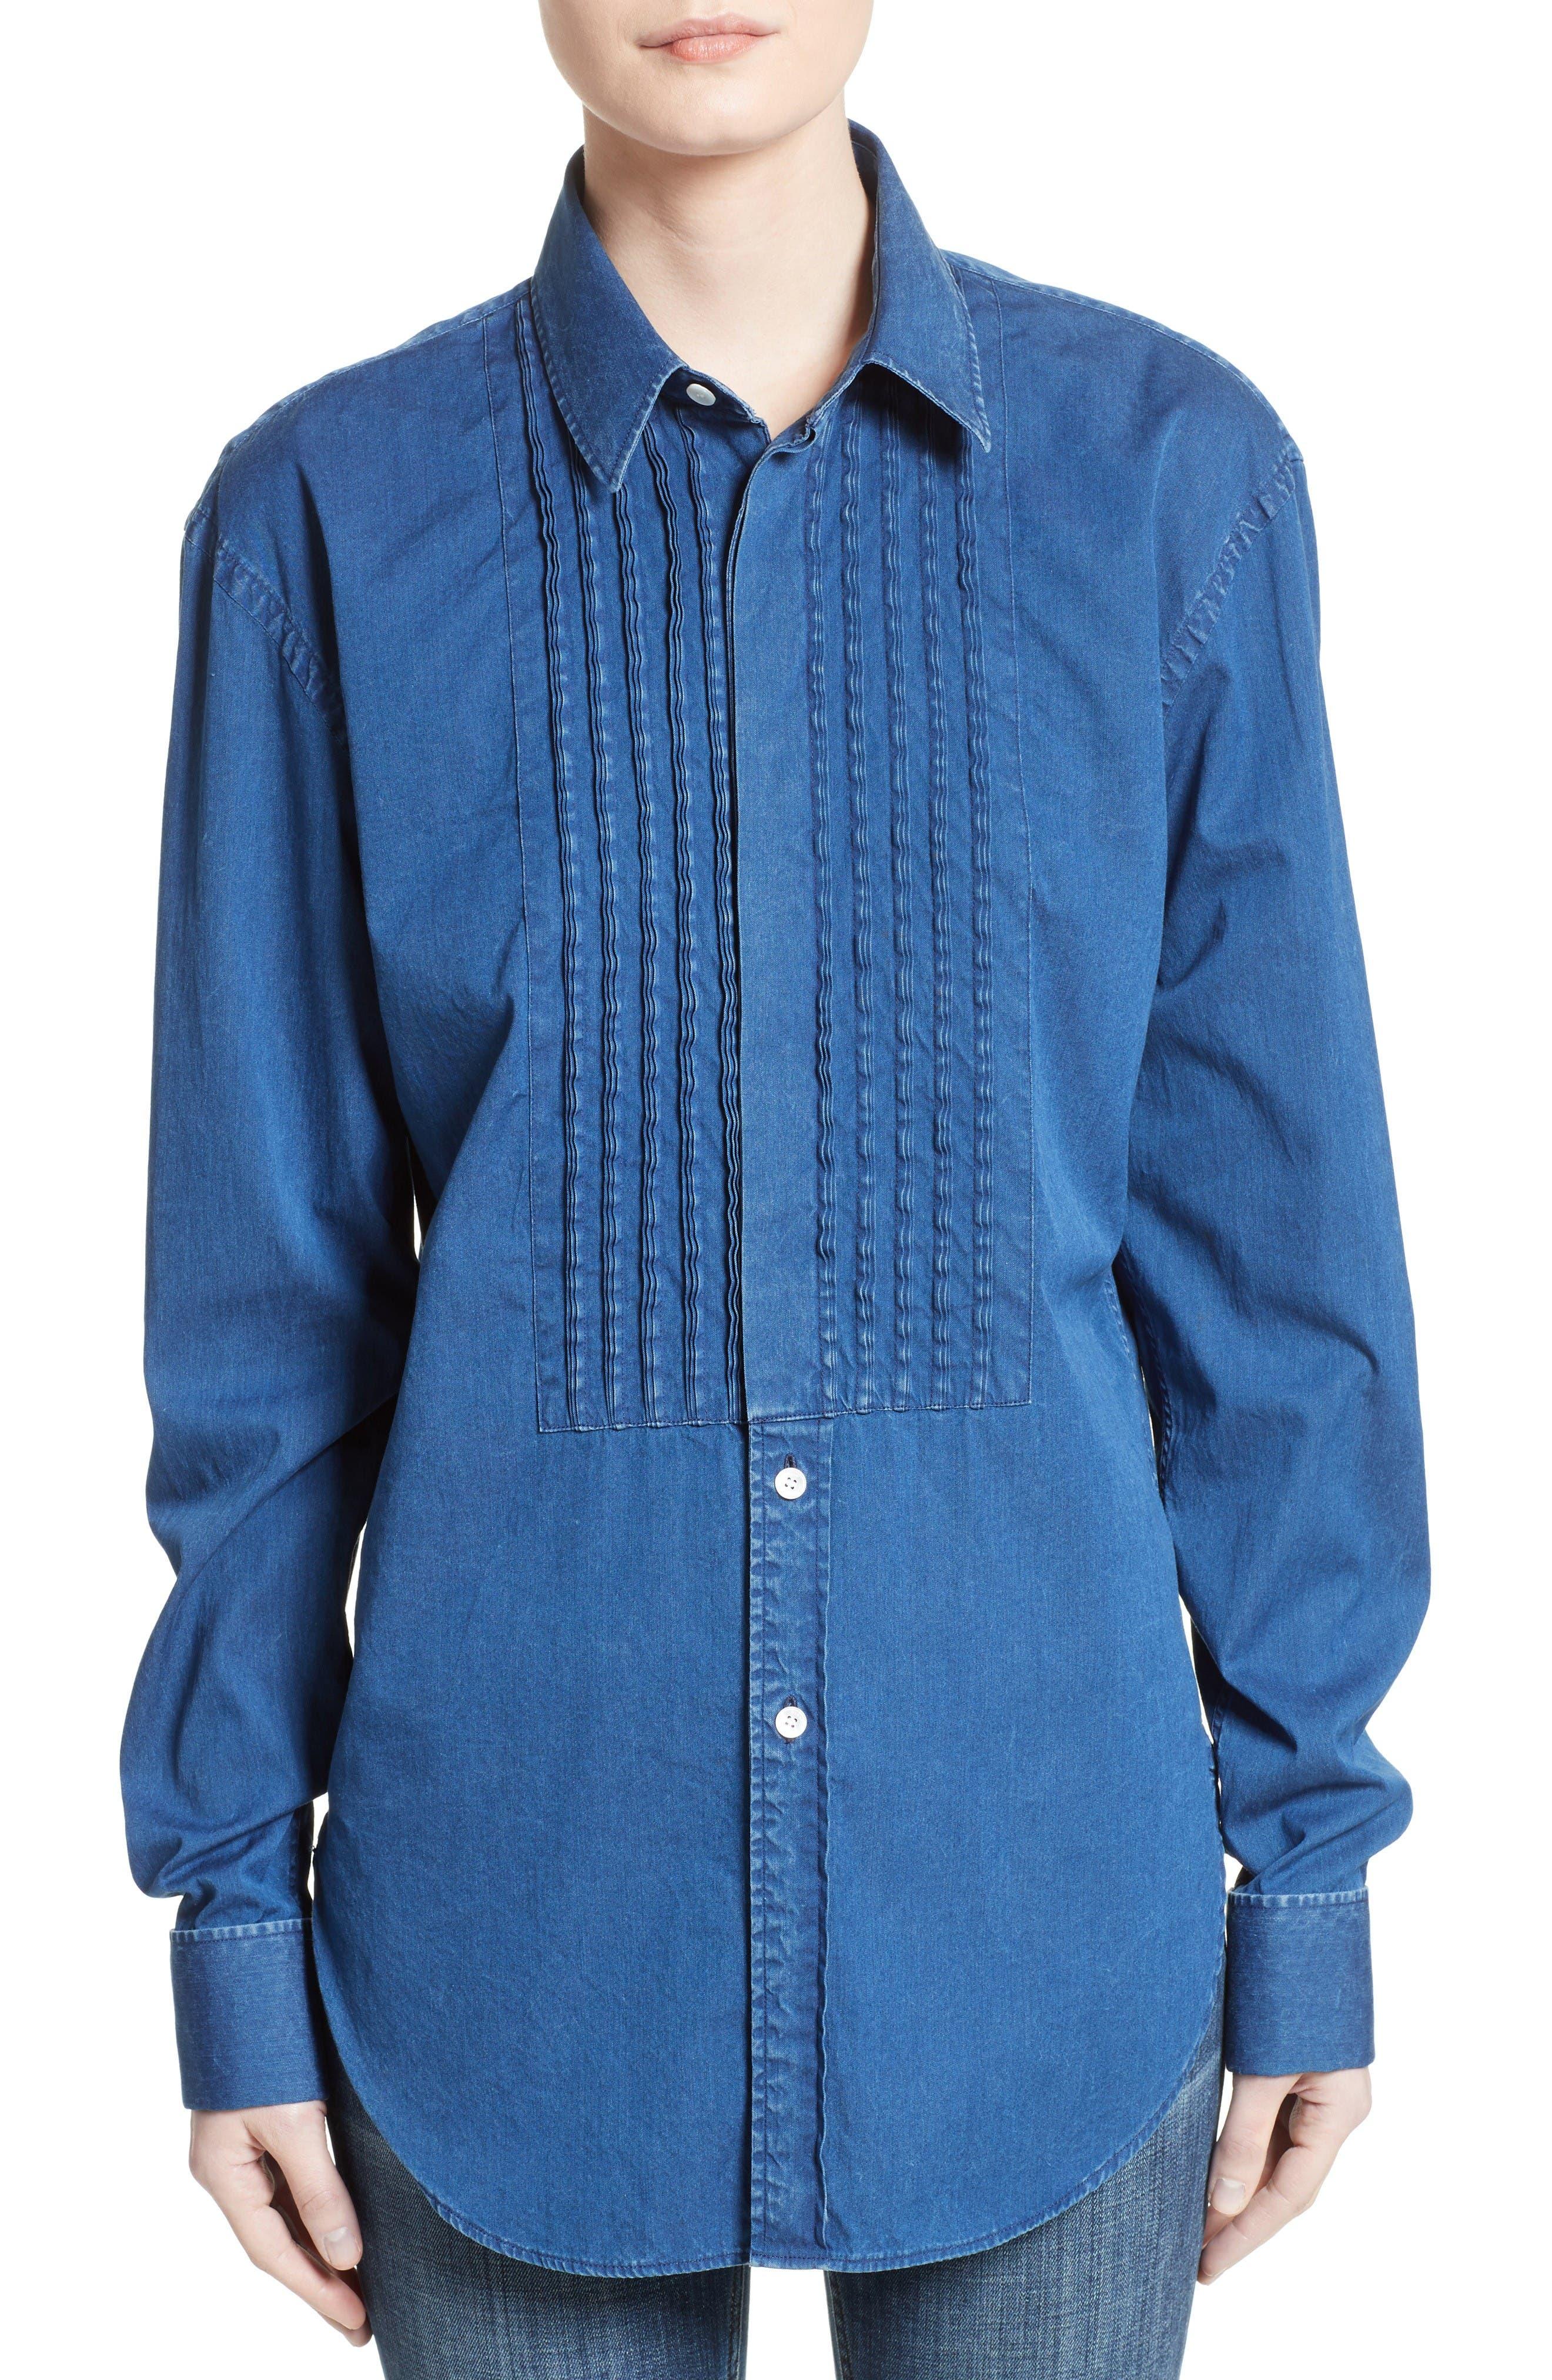 Burberry Jaden Pintuck Denim Shirt